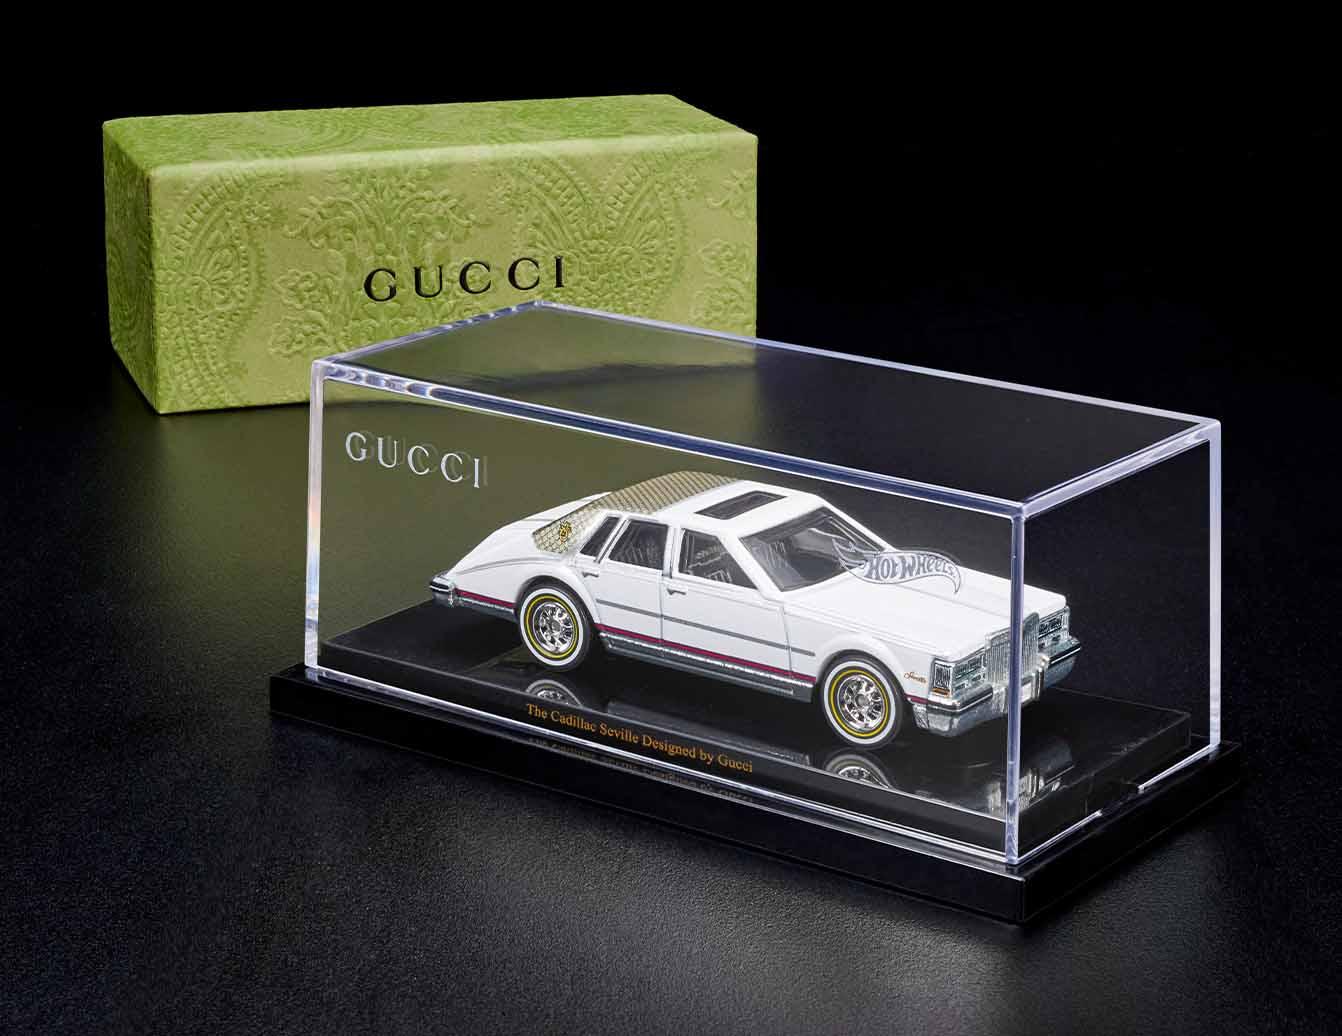 Hot Wheels meets high fashion: Diecast Gucci Cadillac